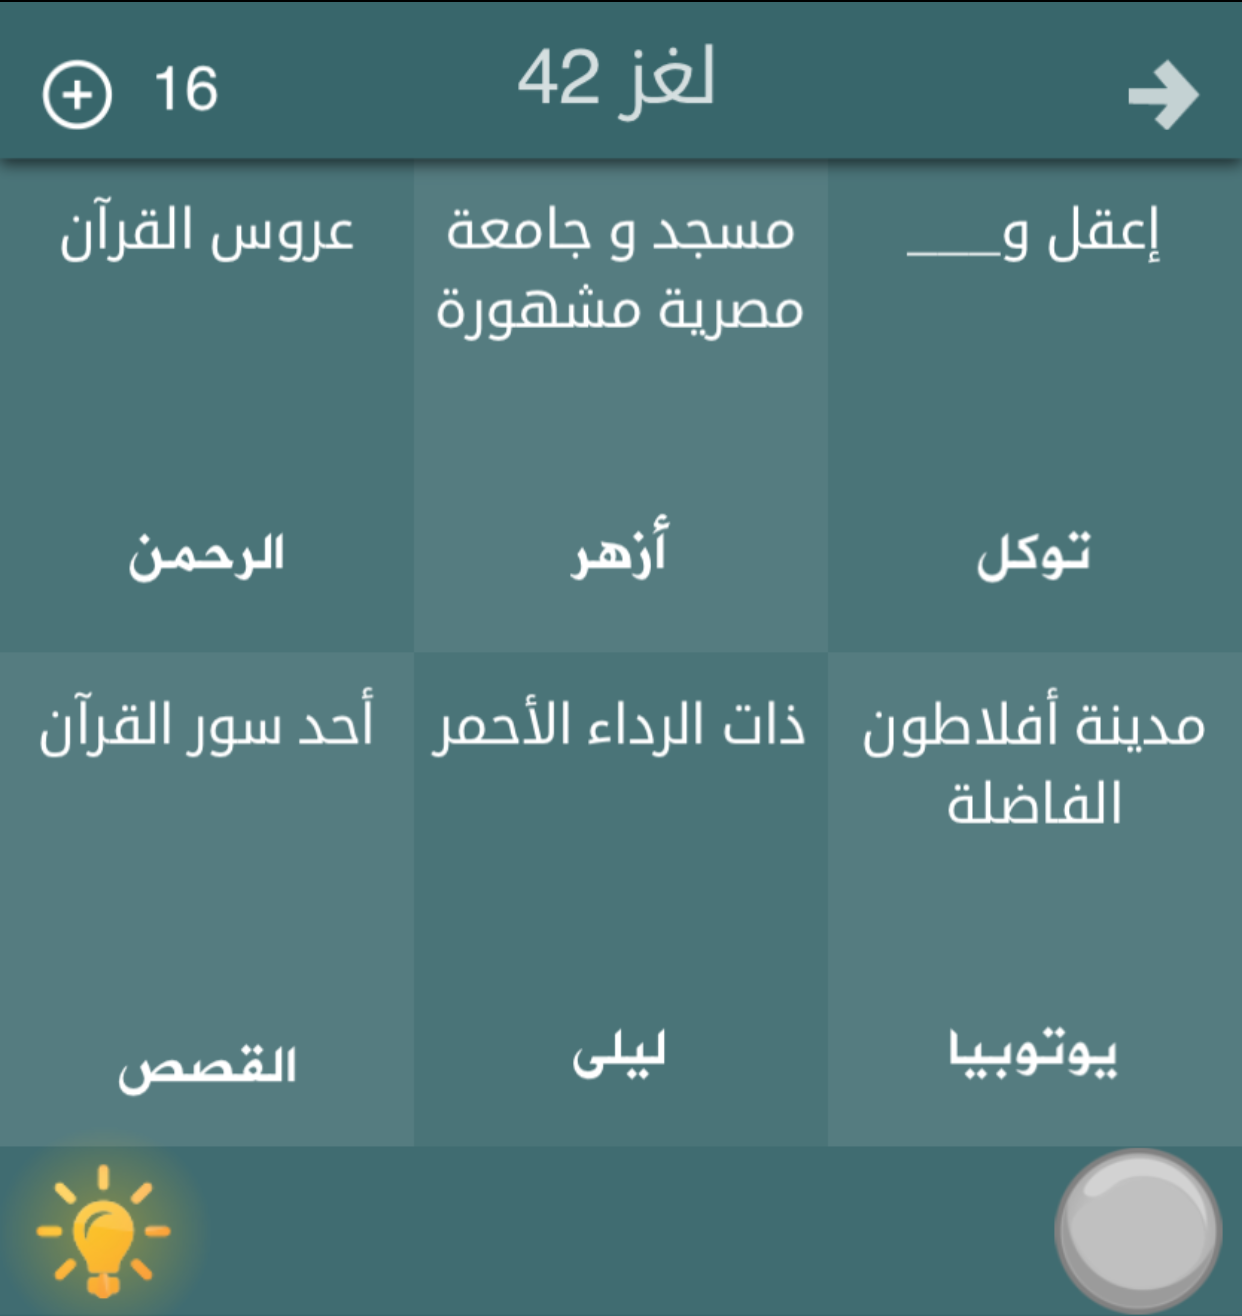 هل تعلم حل لعبة فطحل العرب لعبة معلومات عامة